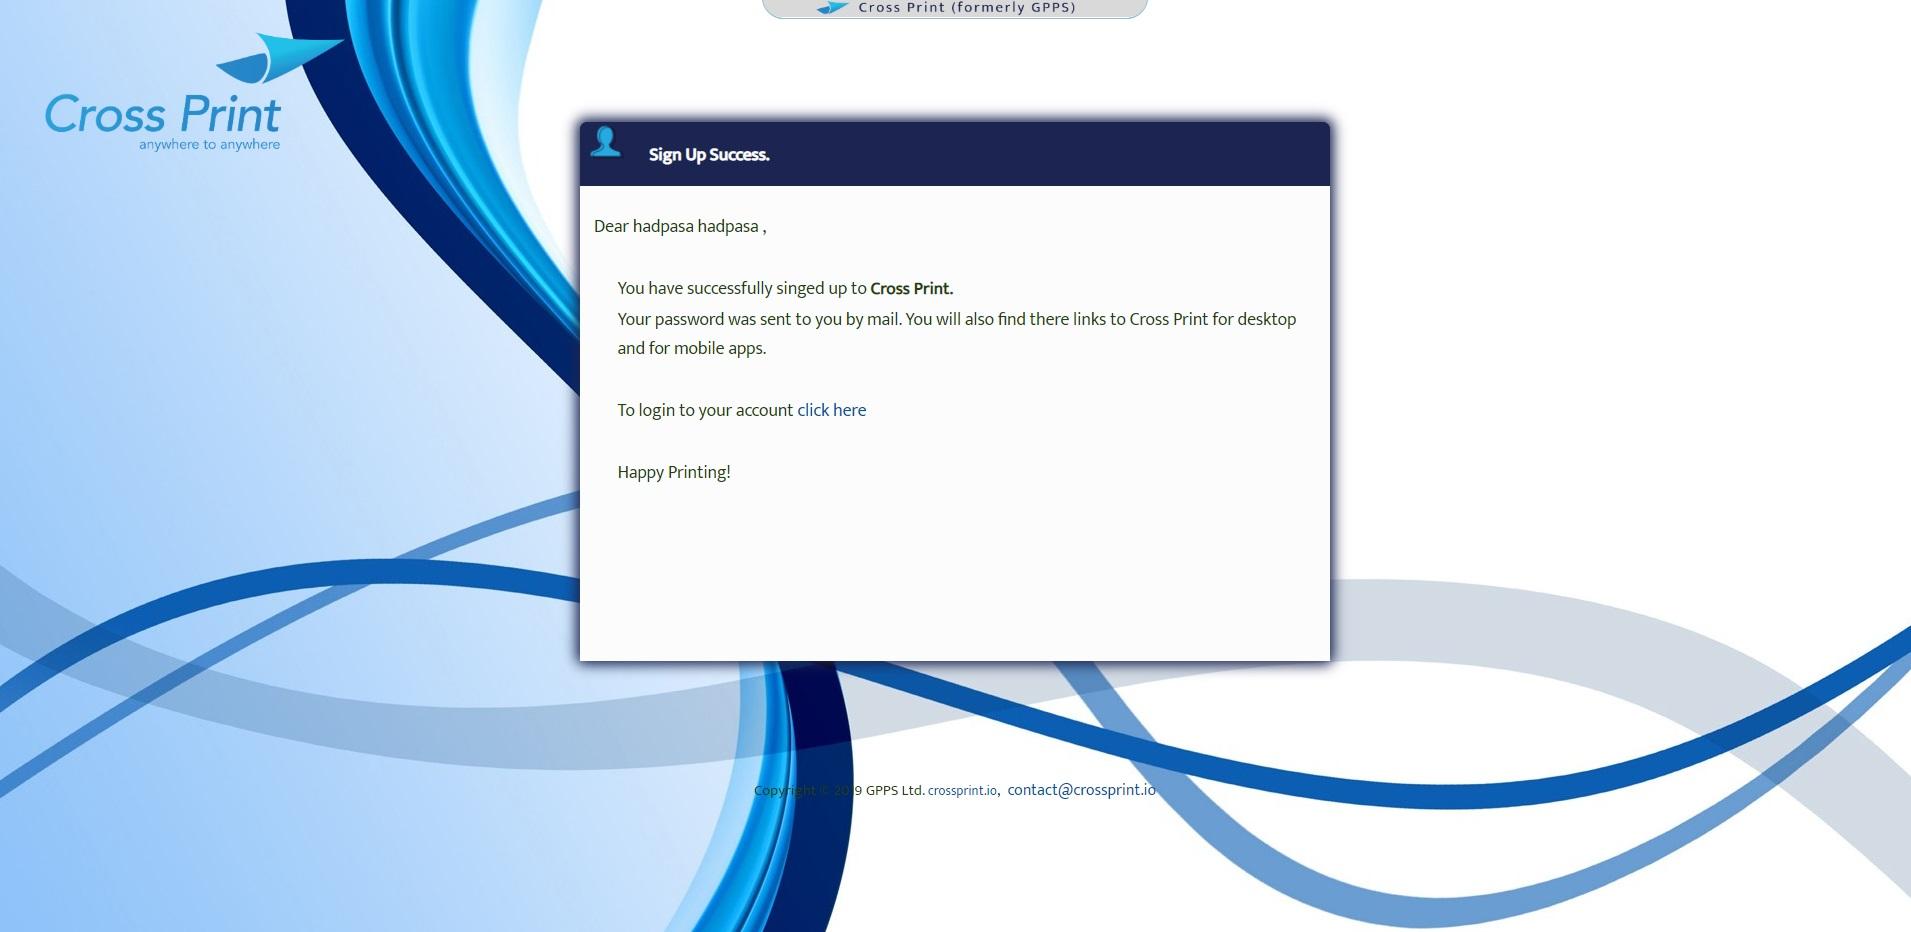 דף אישור רישום (תמונה)